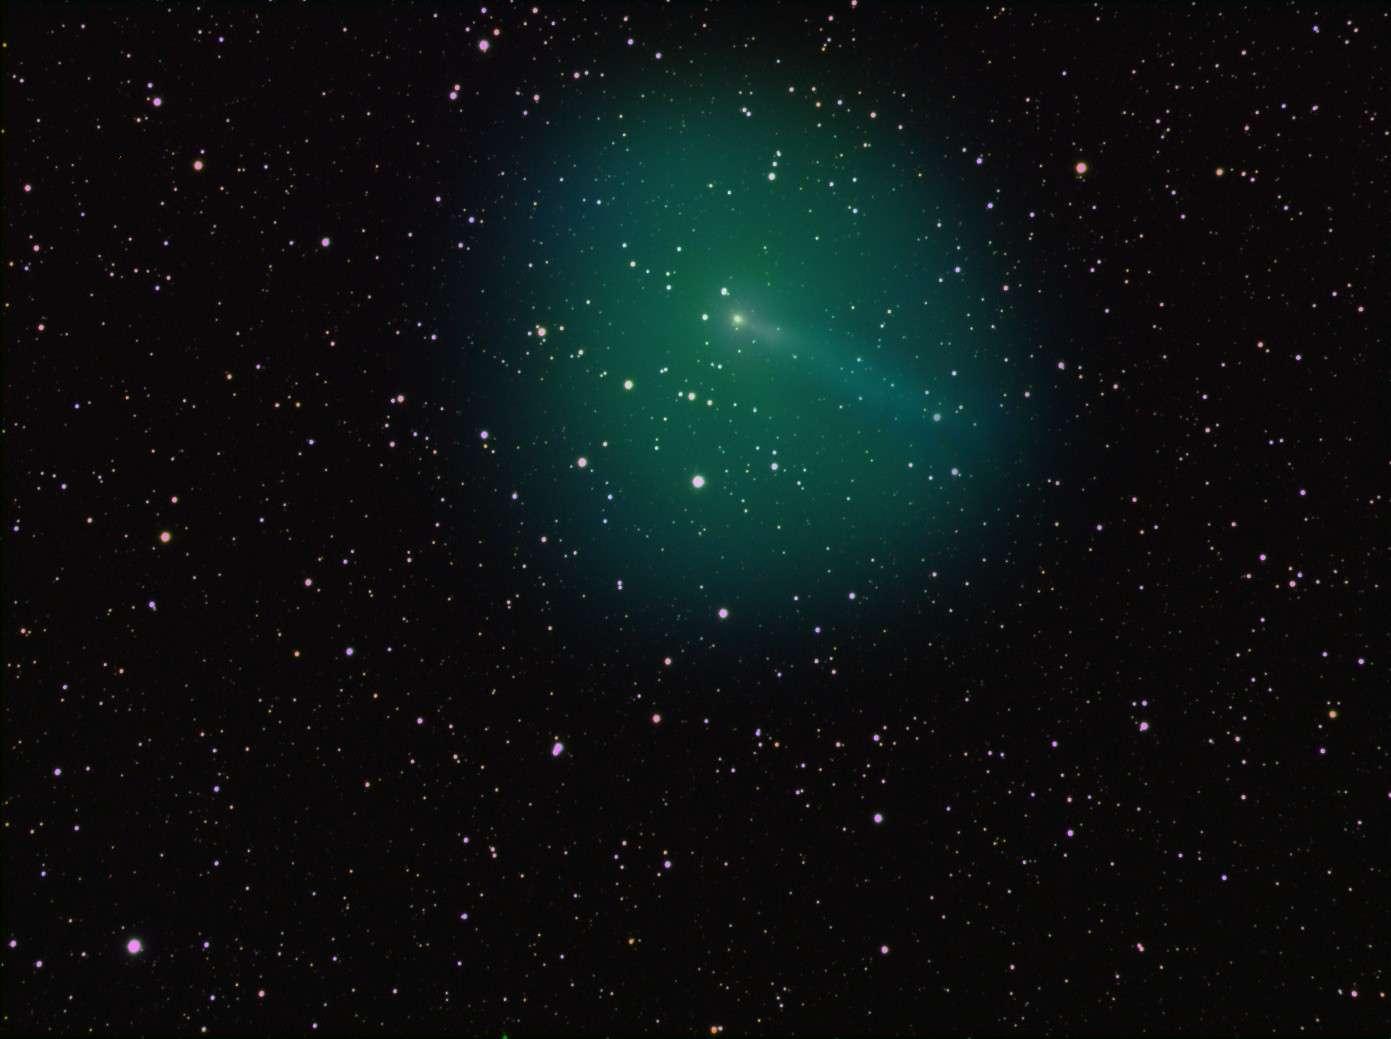 En 4 heures de poses, l'astronome amateur Nick Howes a réalisé cette superbe image qui nous permet de mesurer l'ampleur du dégazage qui se produit à la surface de la comète 103P/Hartley 2. © Nick Howes